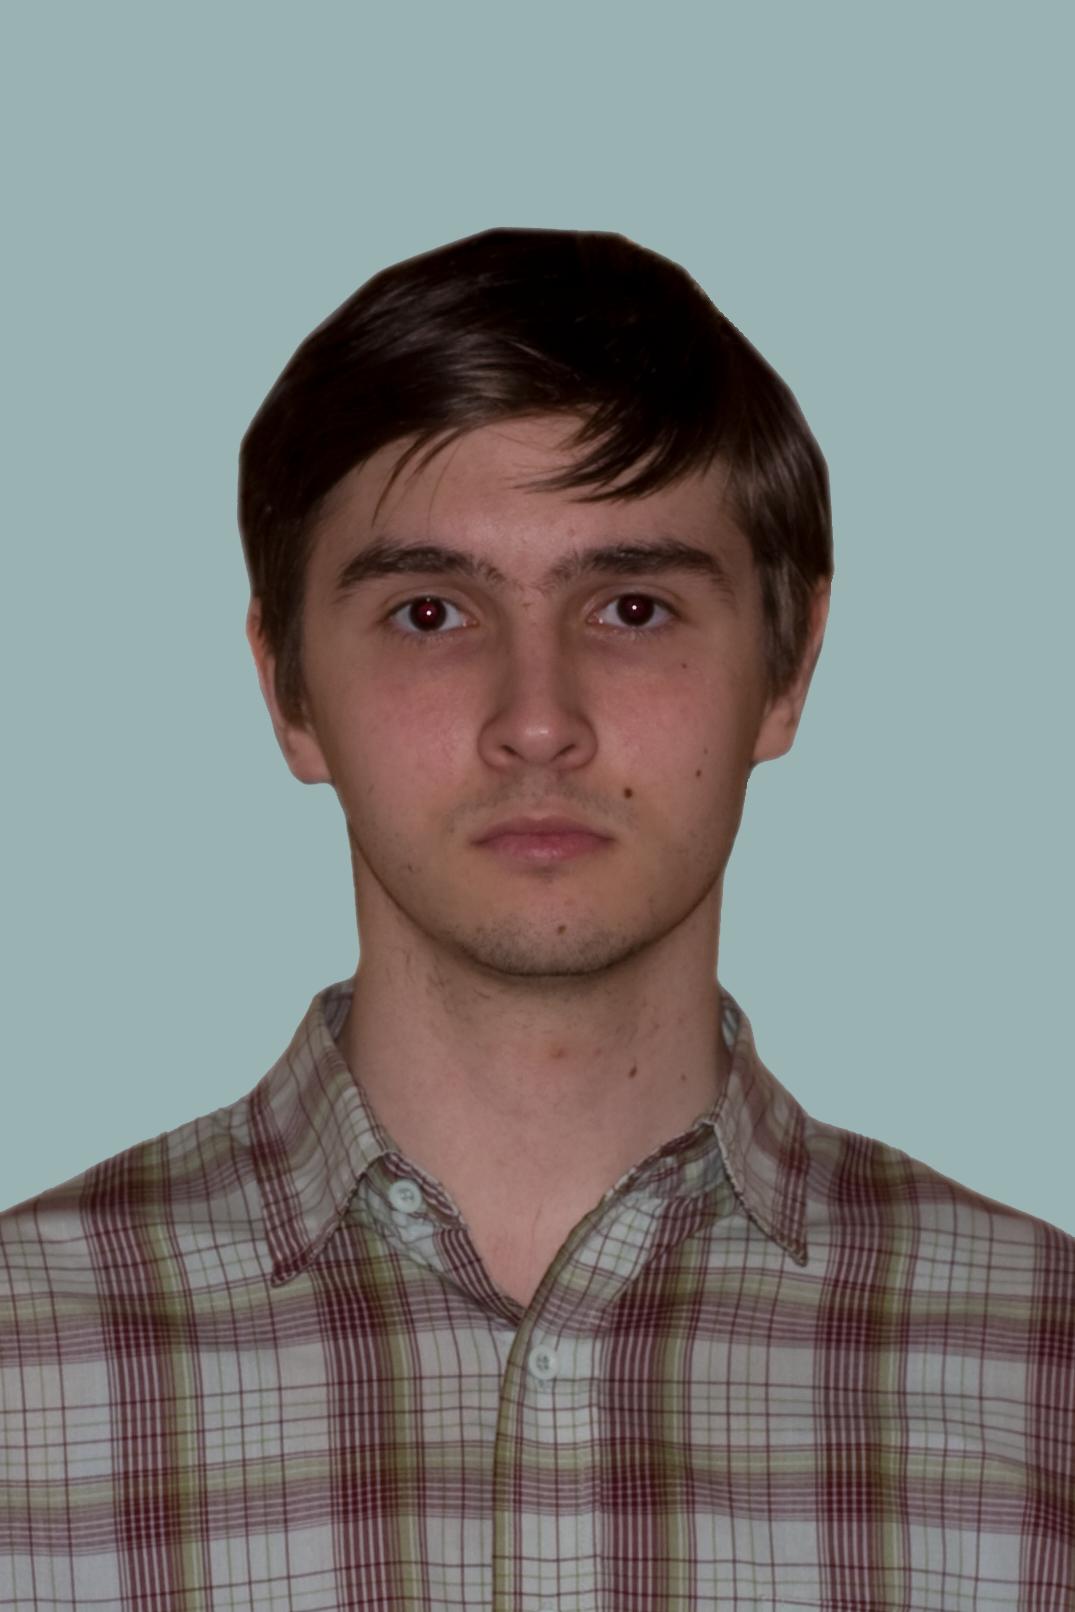 pavelbushlanov